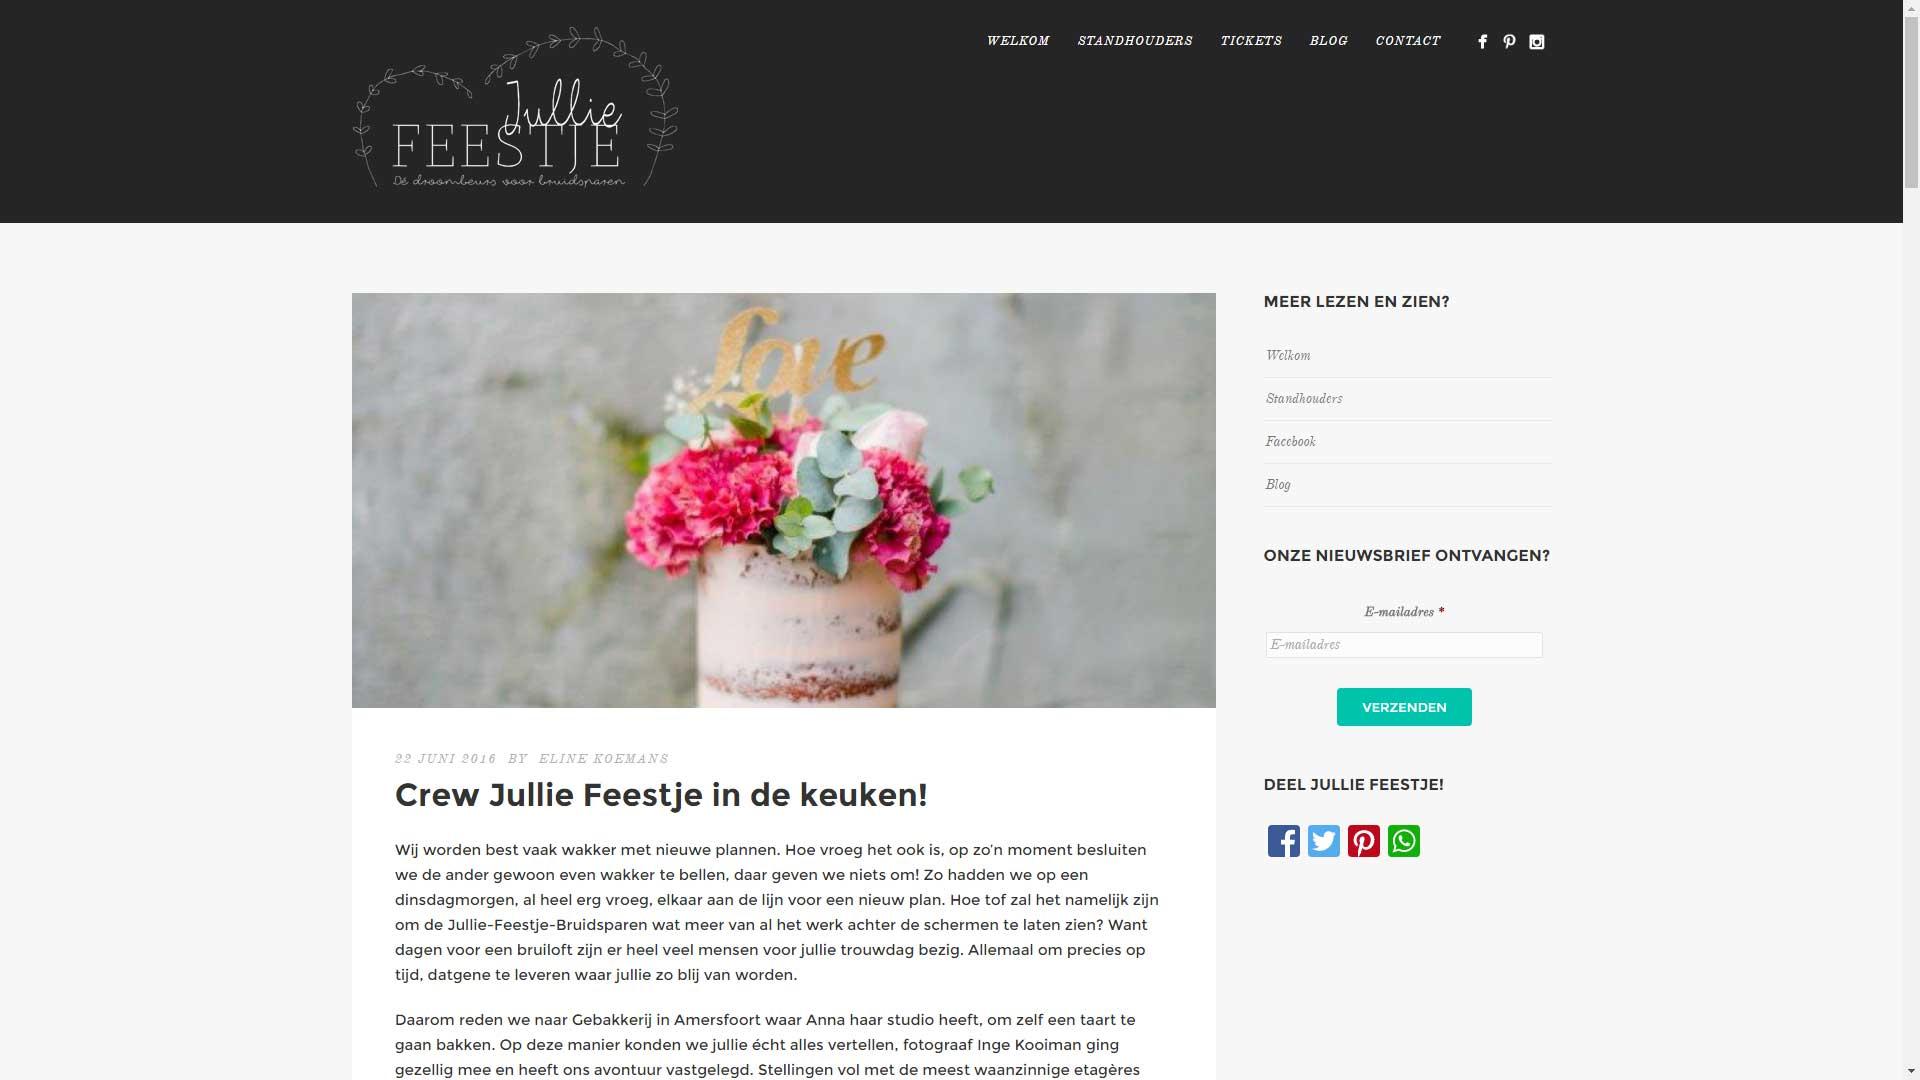 Julile_feestje_in_de_keuken